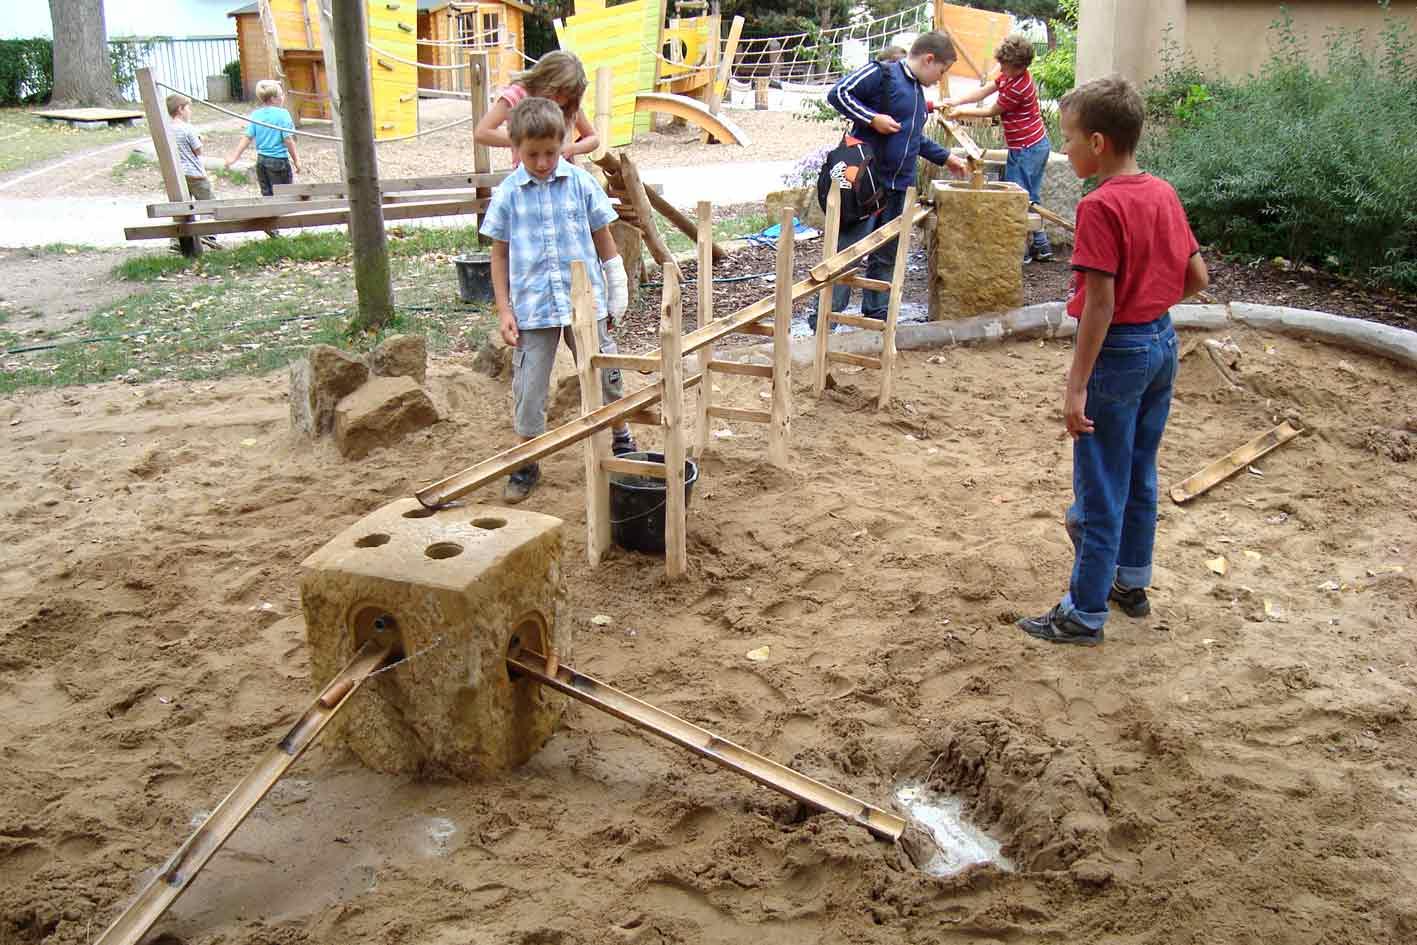 Wasserbahn Selber Bauen Basteln Mit Kindern Plitsch Platsch Selbst